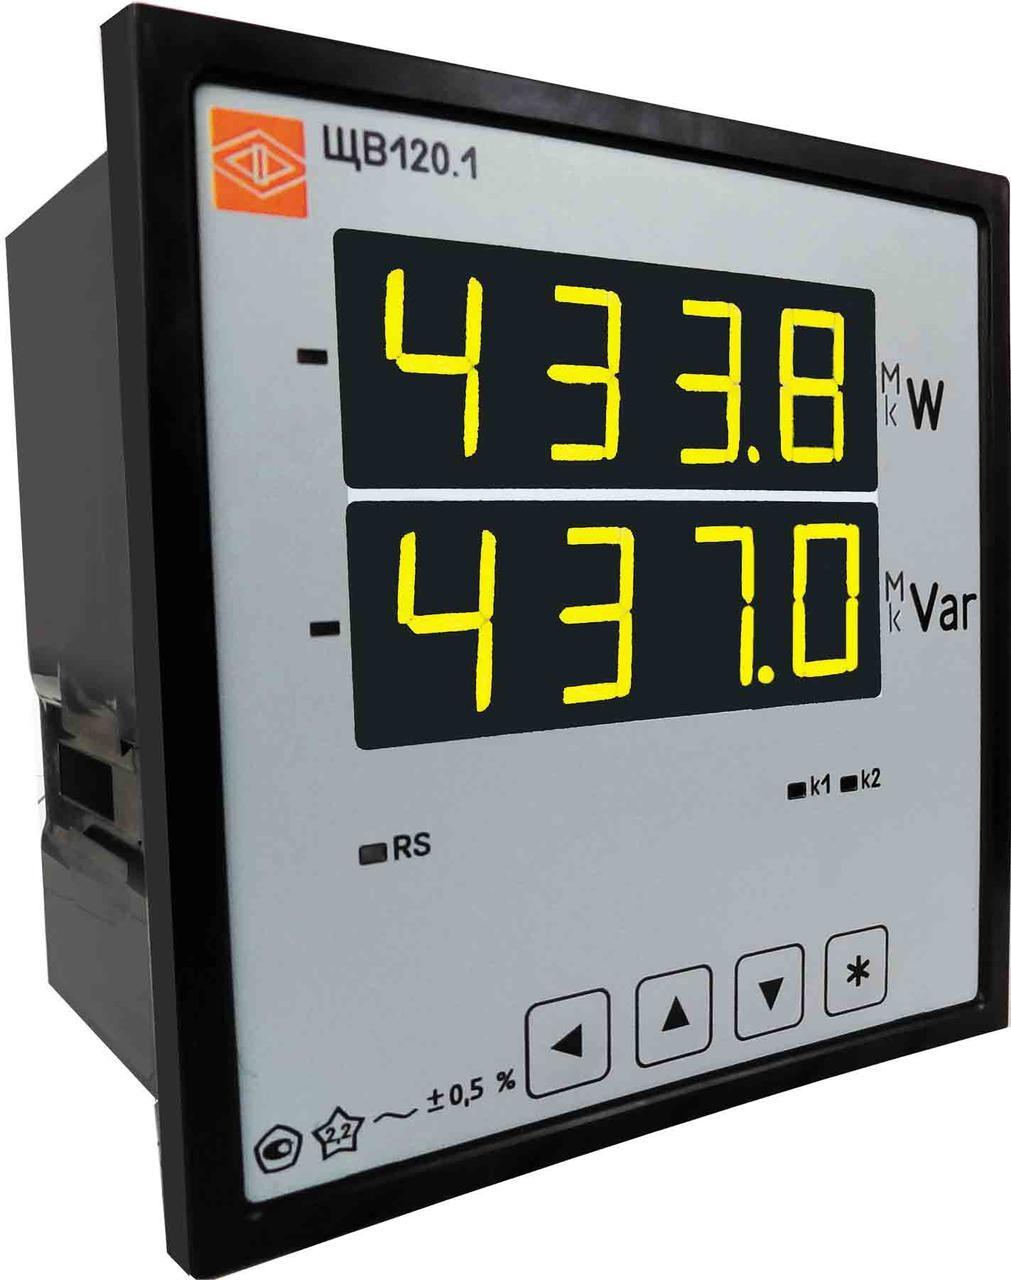 Современный ваттметр может передавать информацию в режиме онлайн для удаленного контроля телеметрии